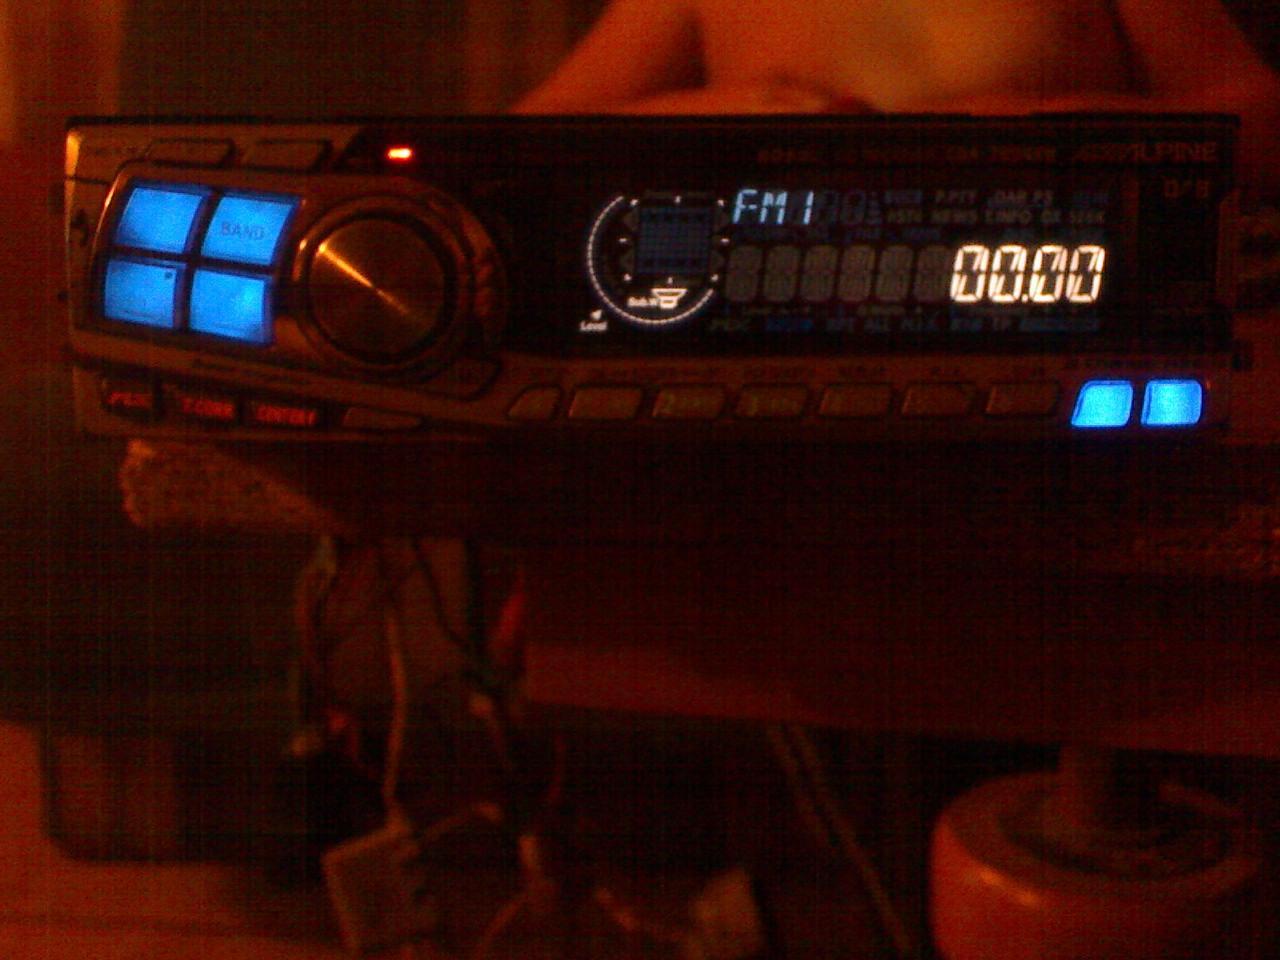 [Zlec�] Naprawe radia Alpine 7894rb,wiecej w poscie.